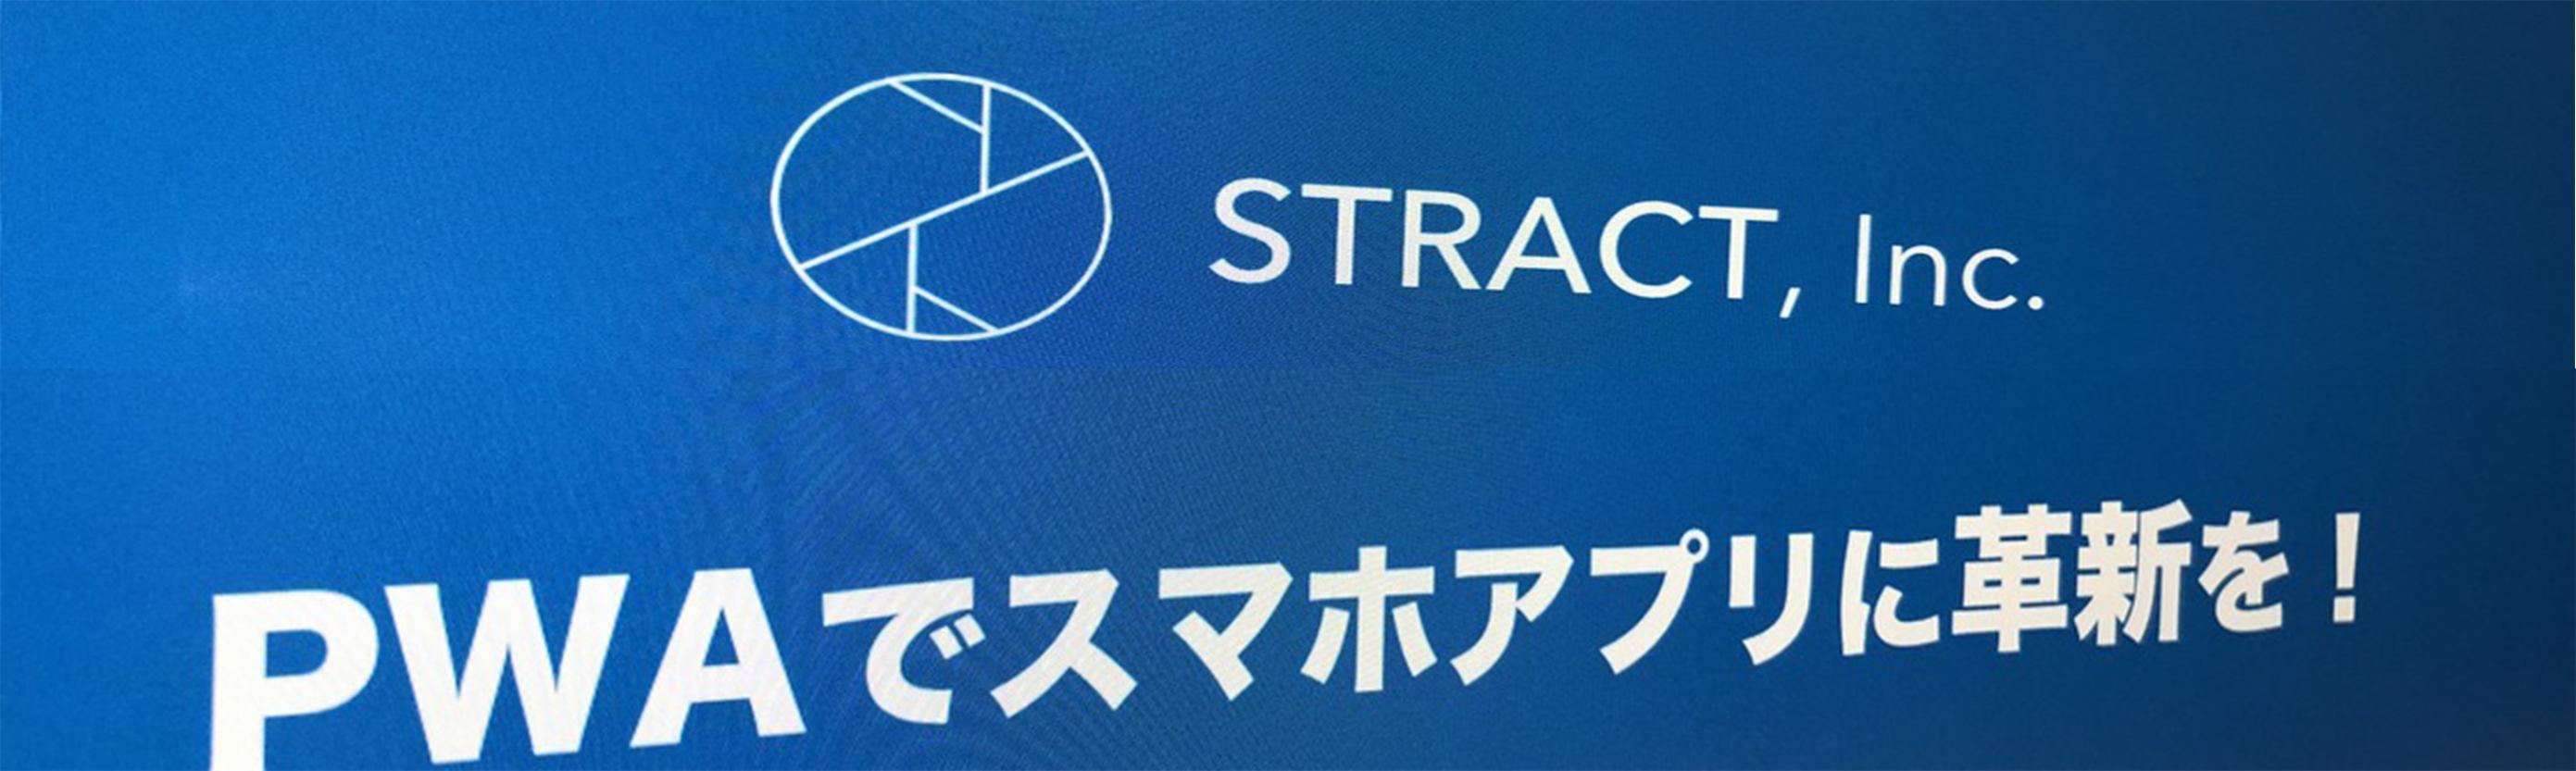 株式会社STRACTにおけるエンタメ系サービスのAndroidアプリ開発